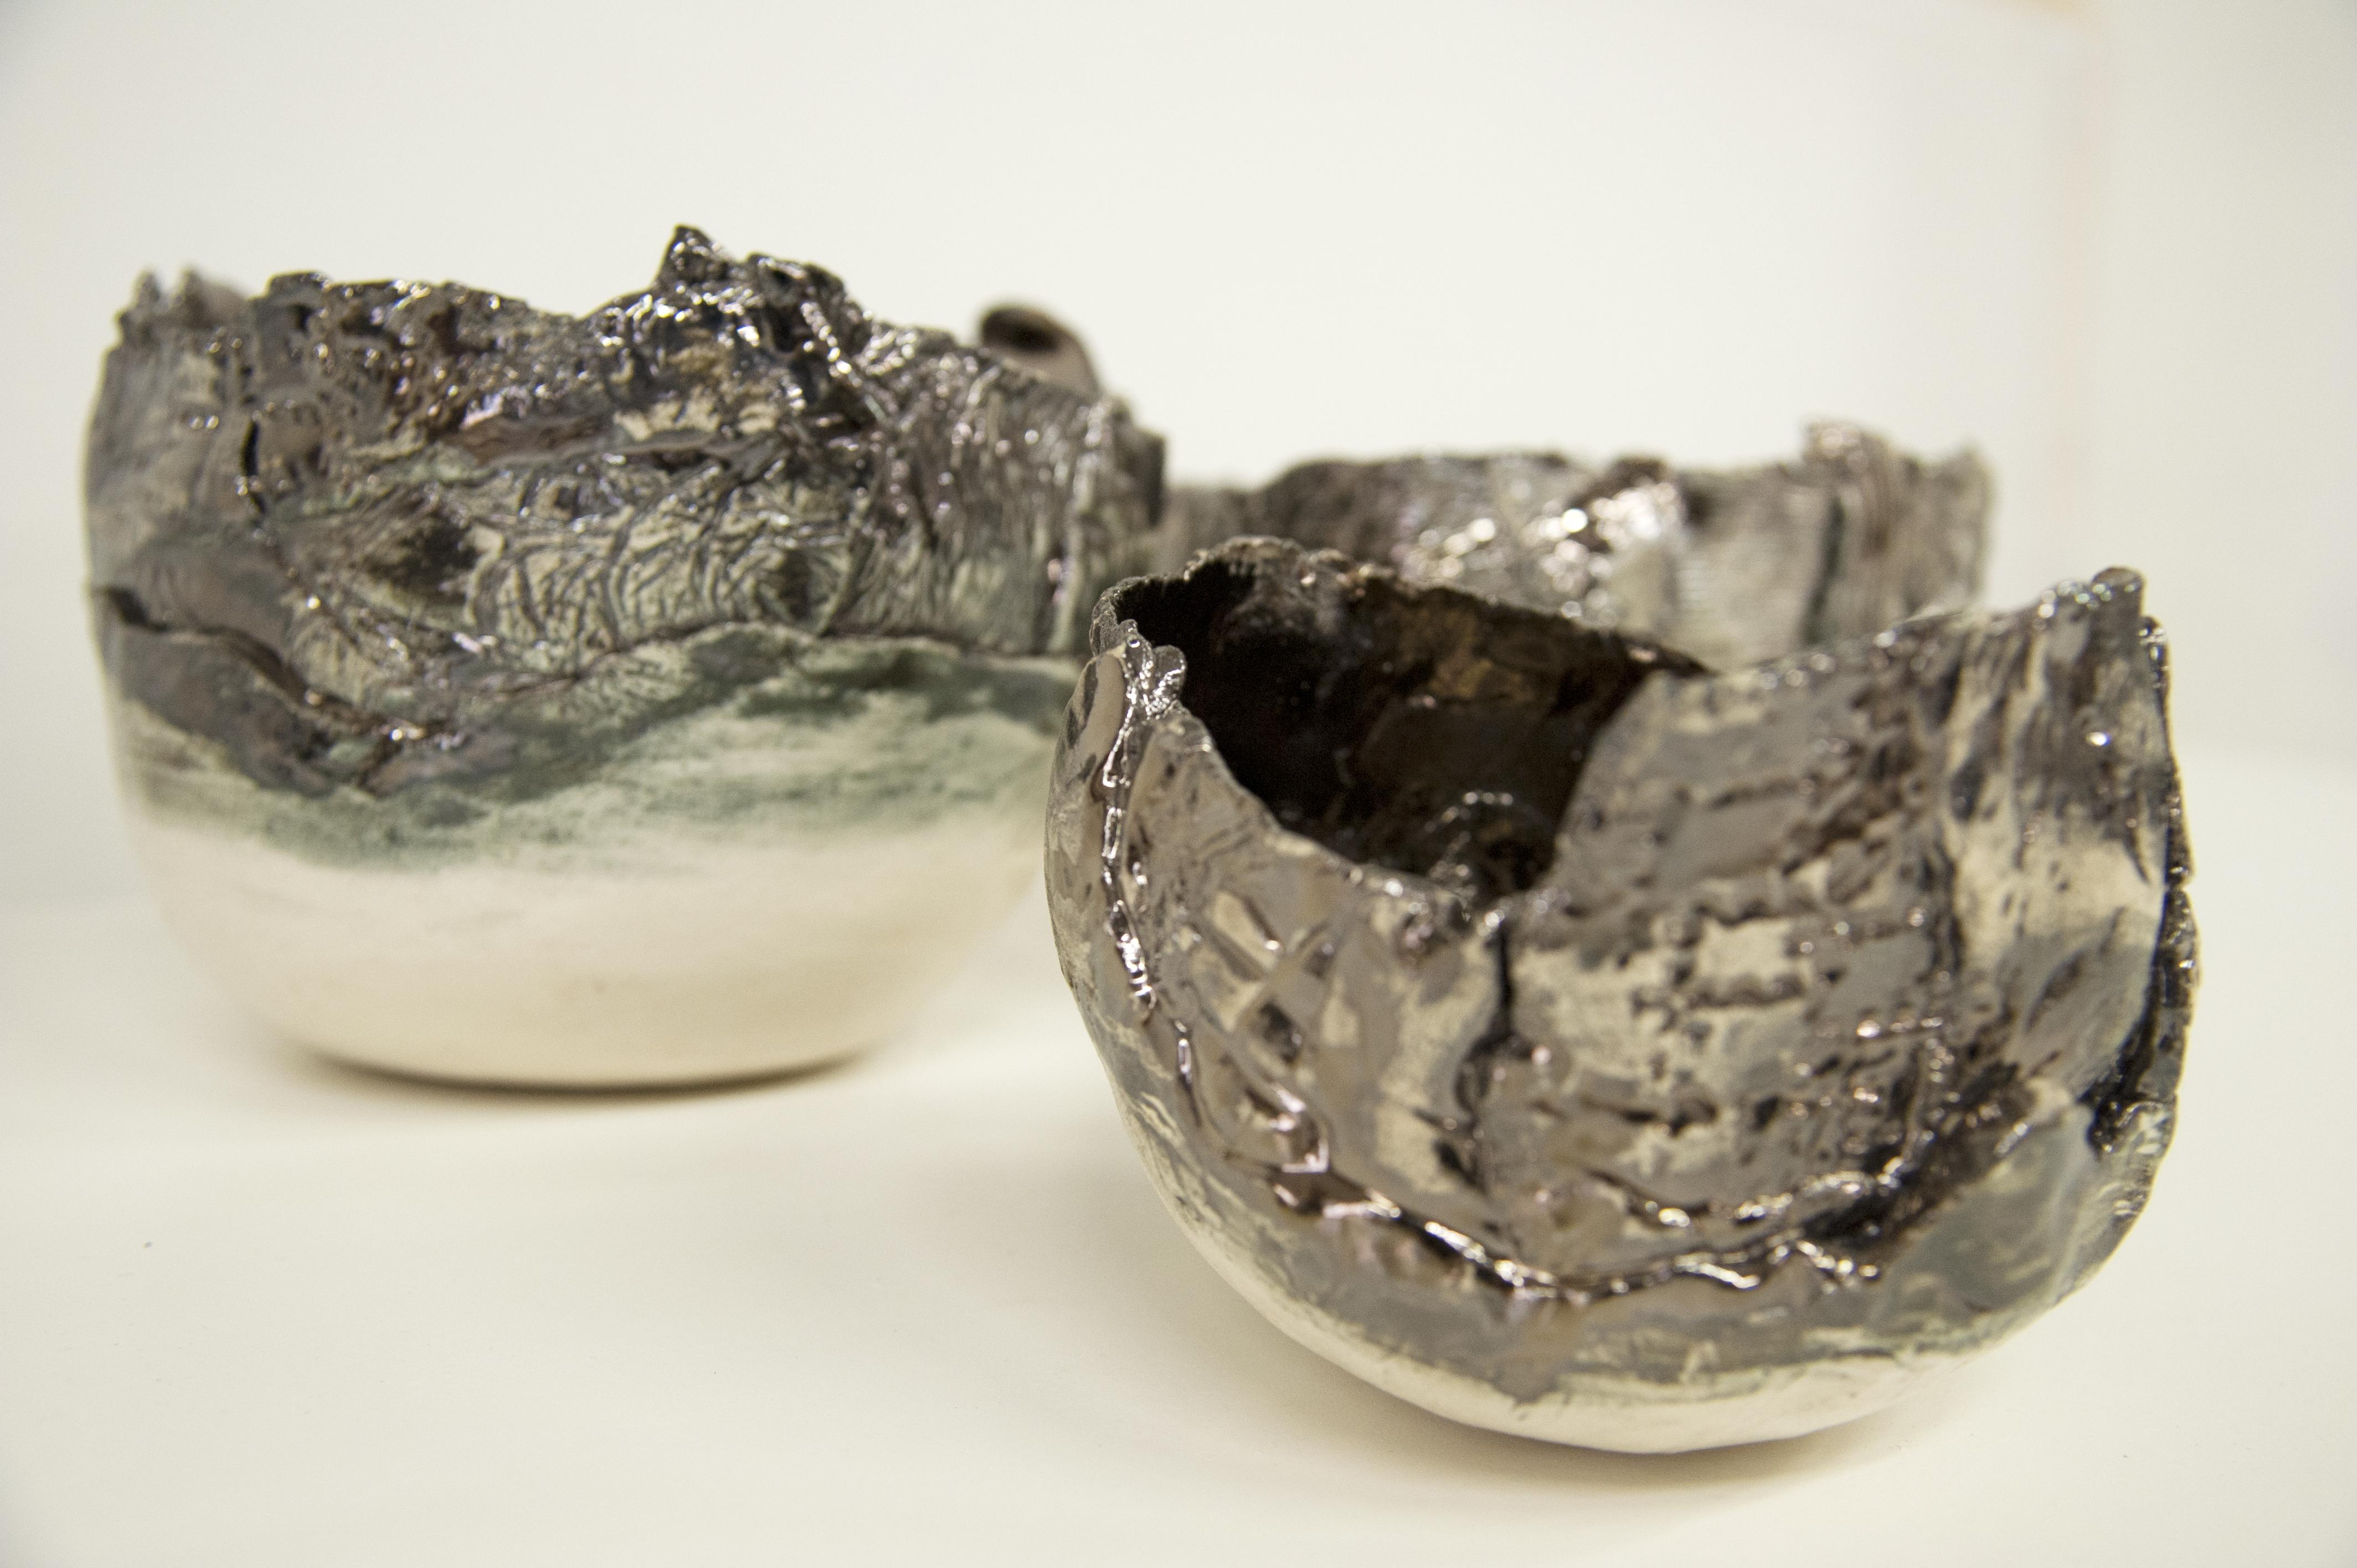 Ciotola in ceramica metallizzata